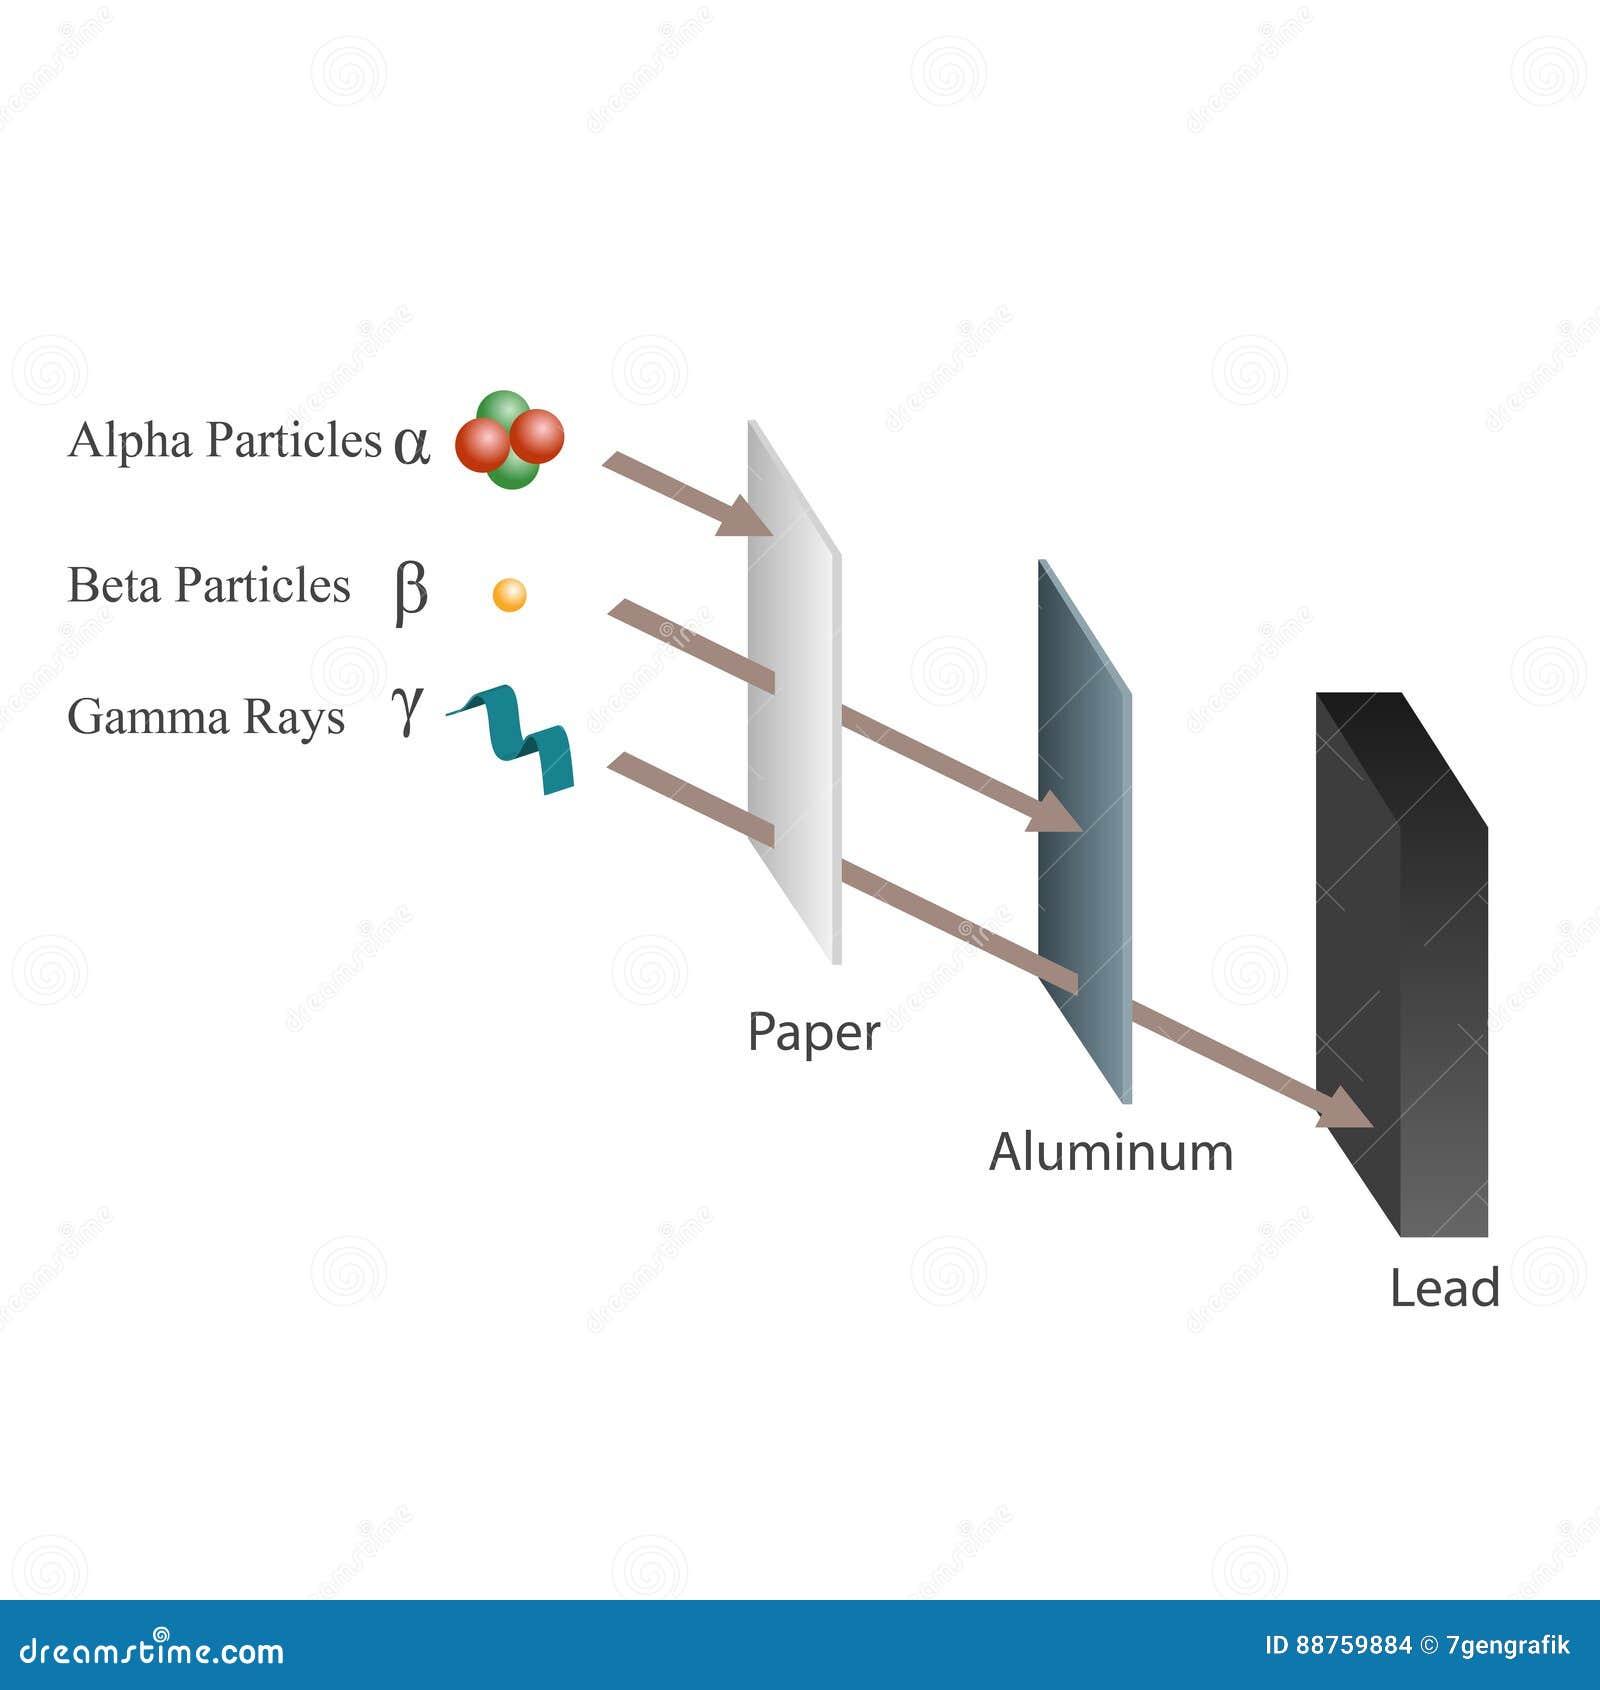 Gamma ray penetration